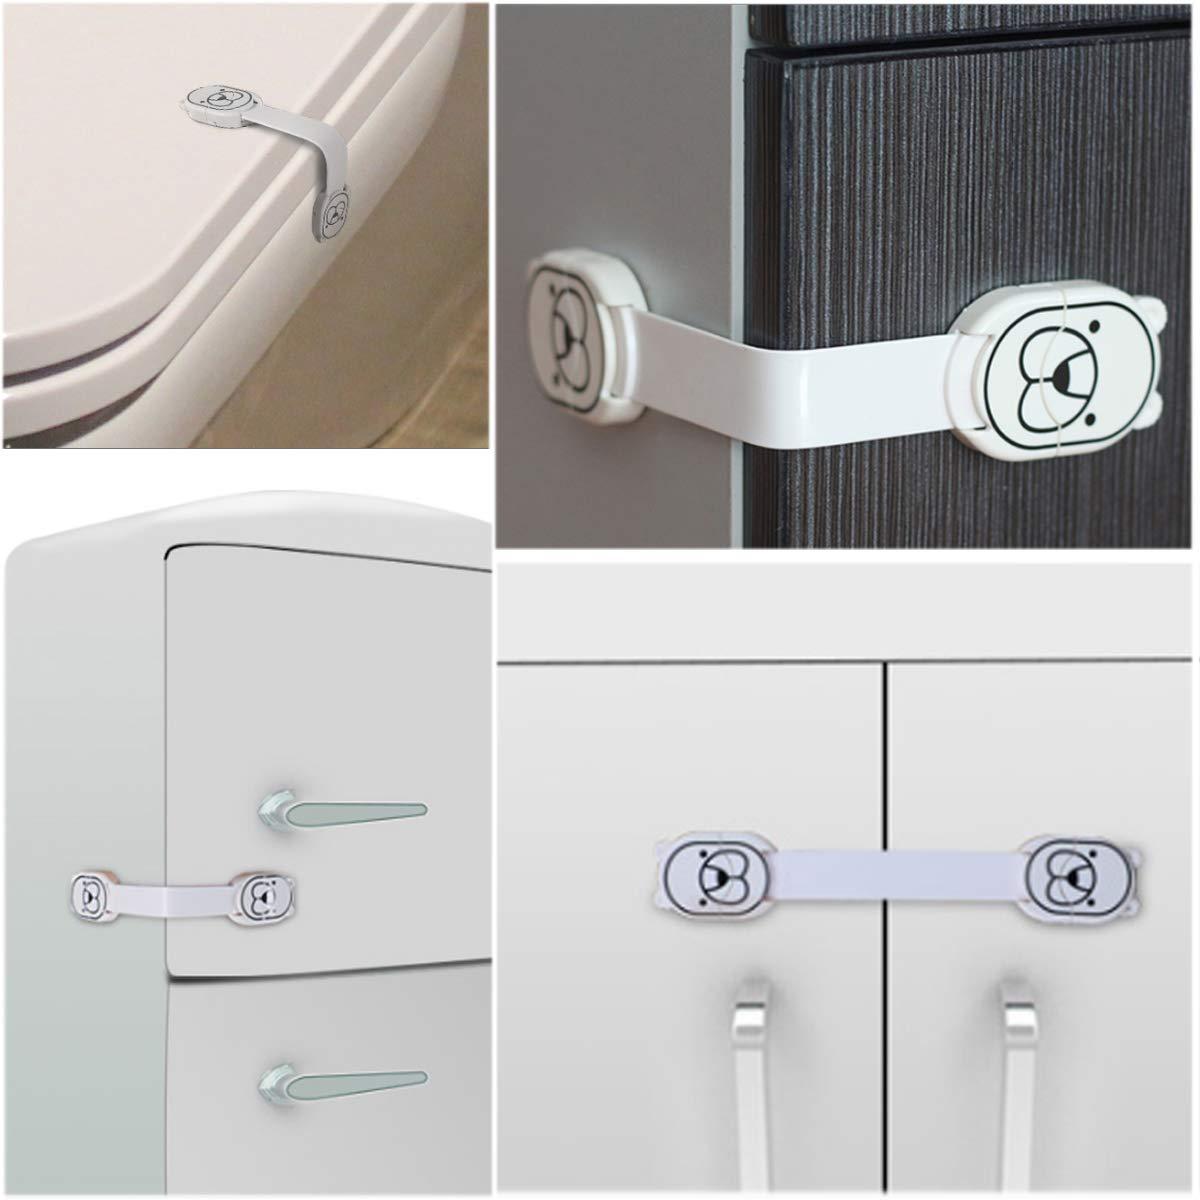 Cierres Seguridad para Ni/ños,2 Pack Reutilizable Cerraduras de Seguridad a Prueba de Ni/ños,Cerraduras para Cajones de Seguridad para Beb/és de Armario para Ni/ños Azul